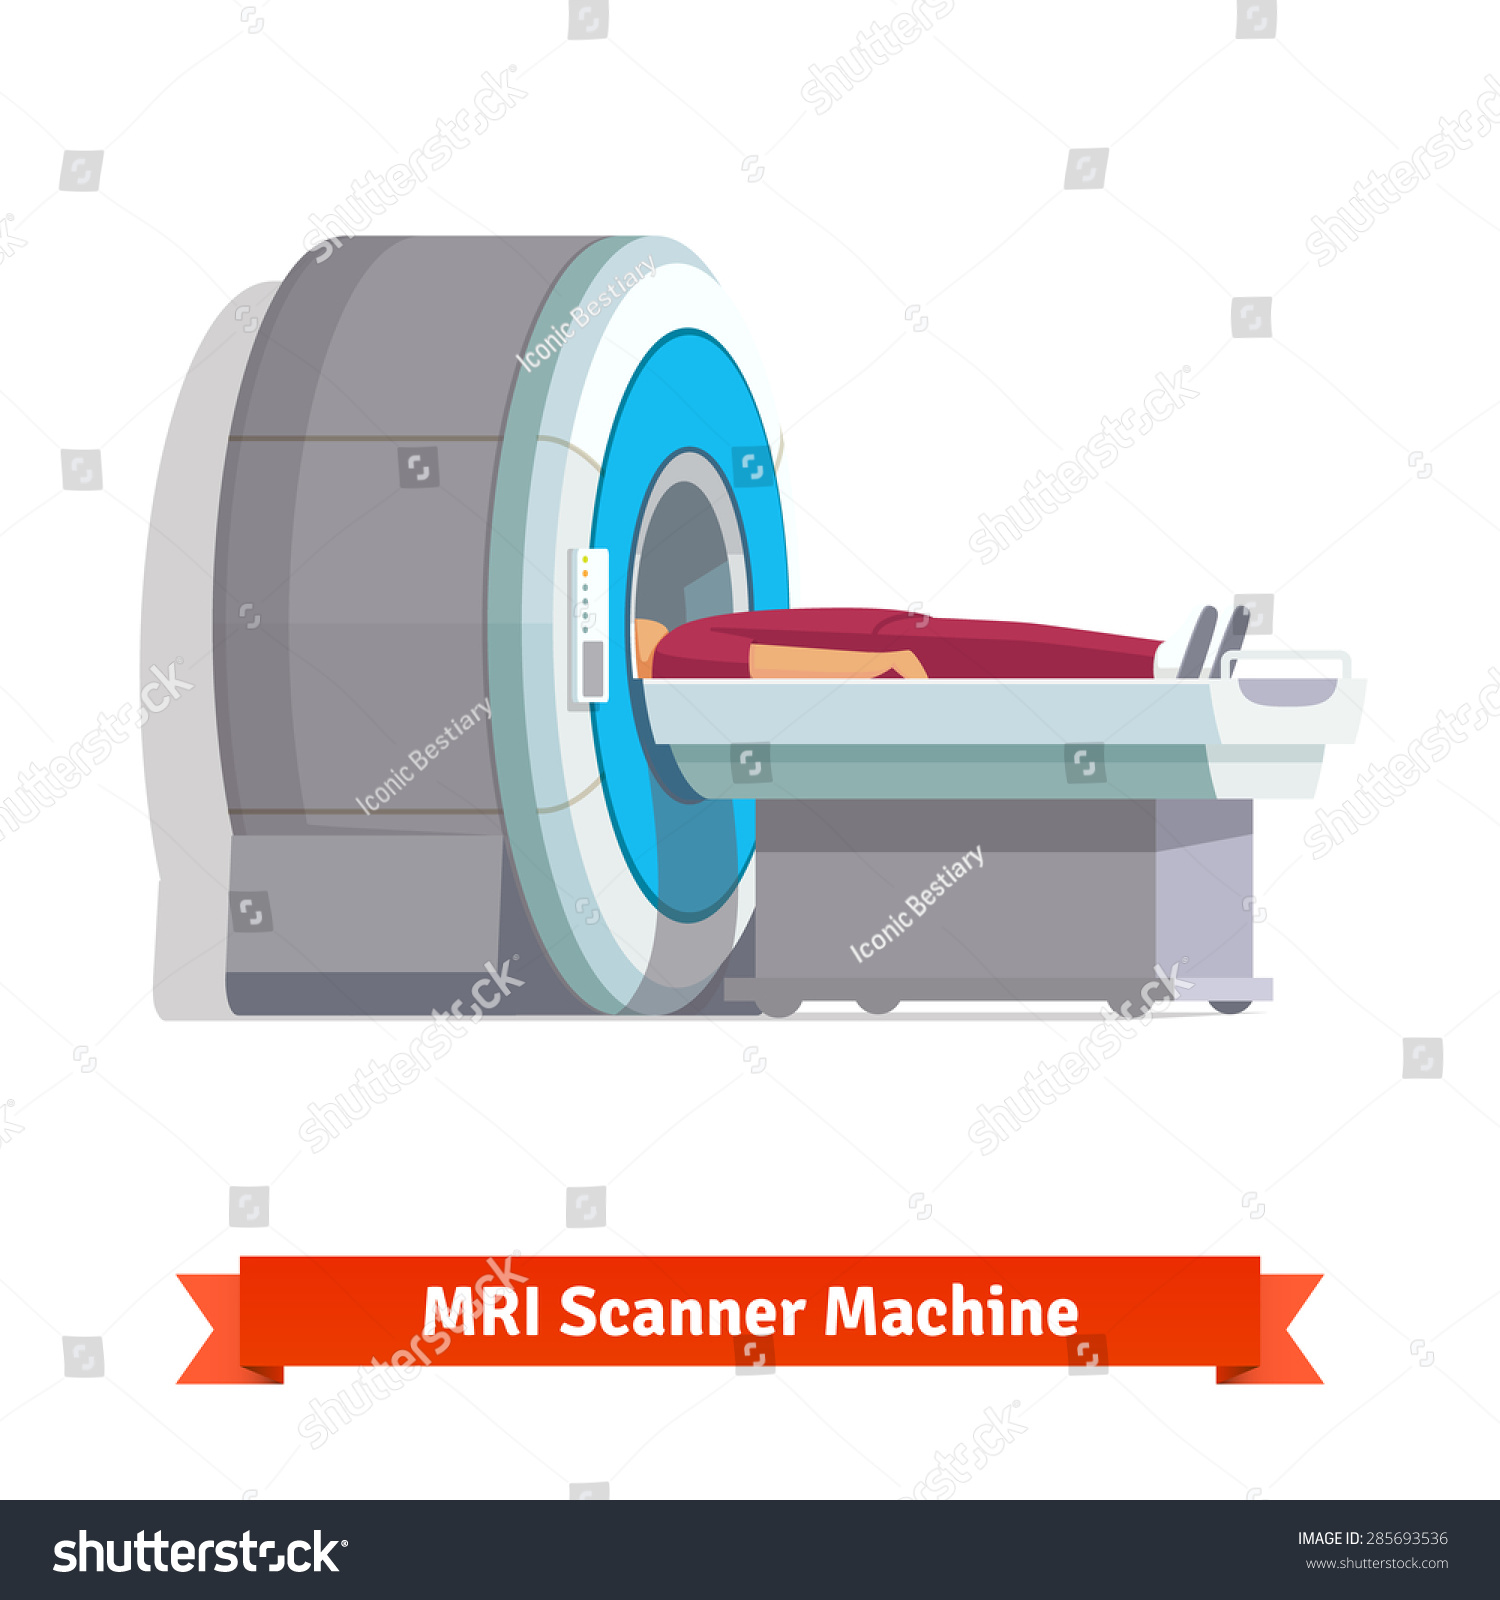 mri imaging machine